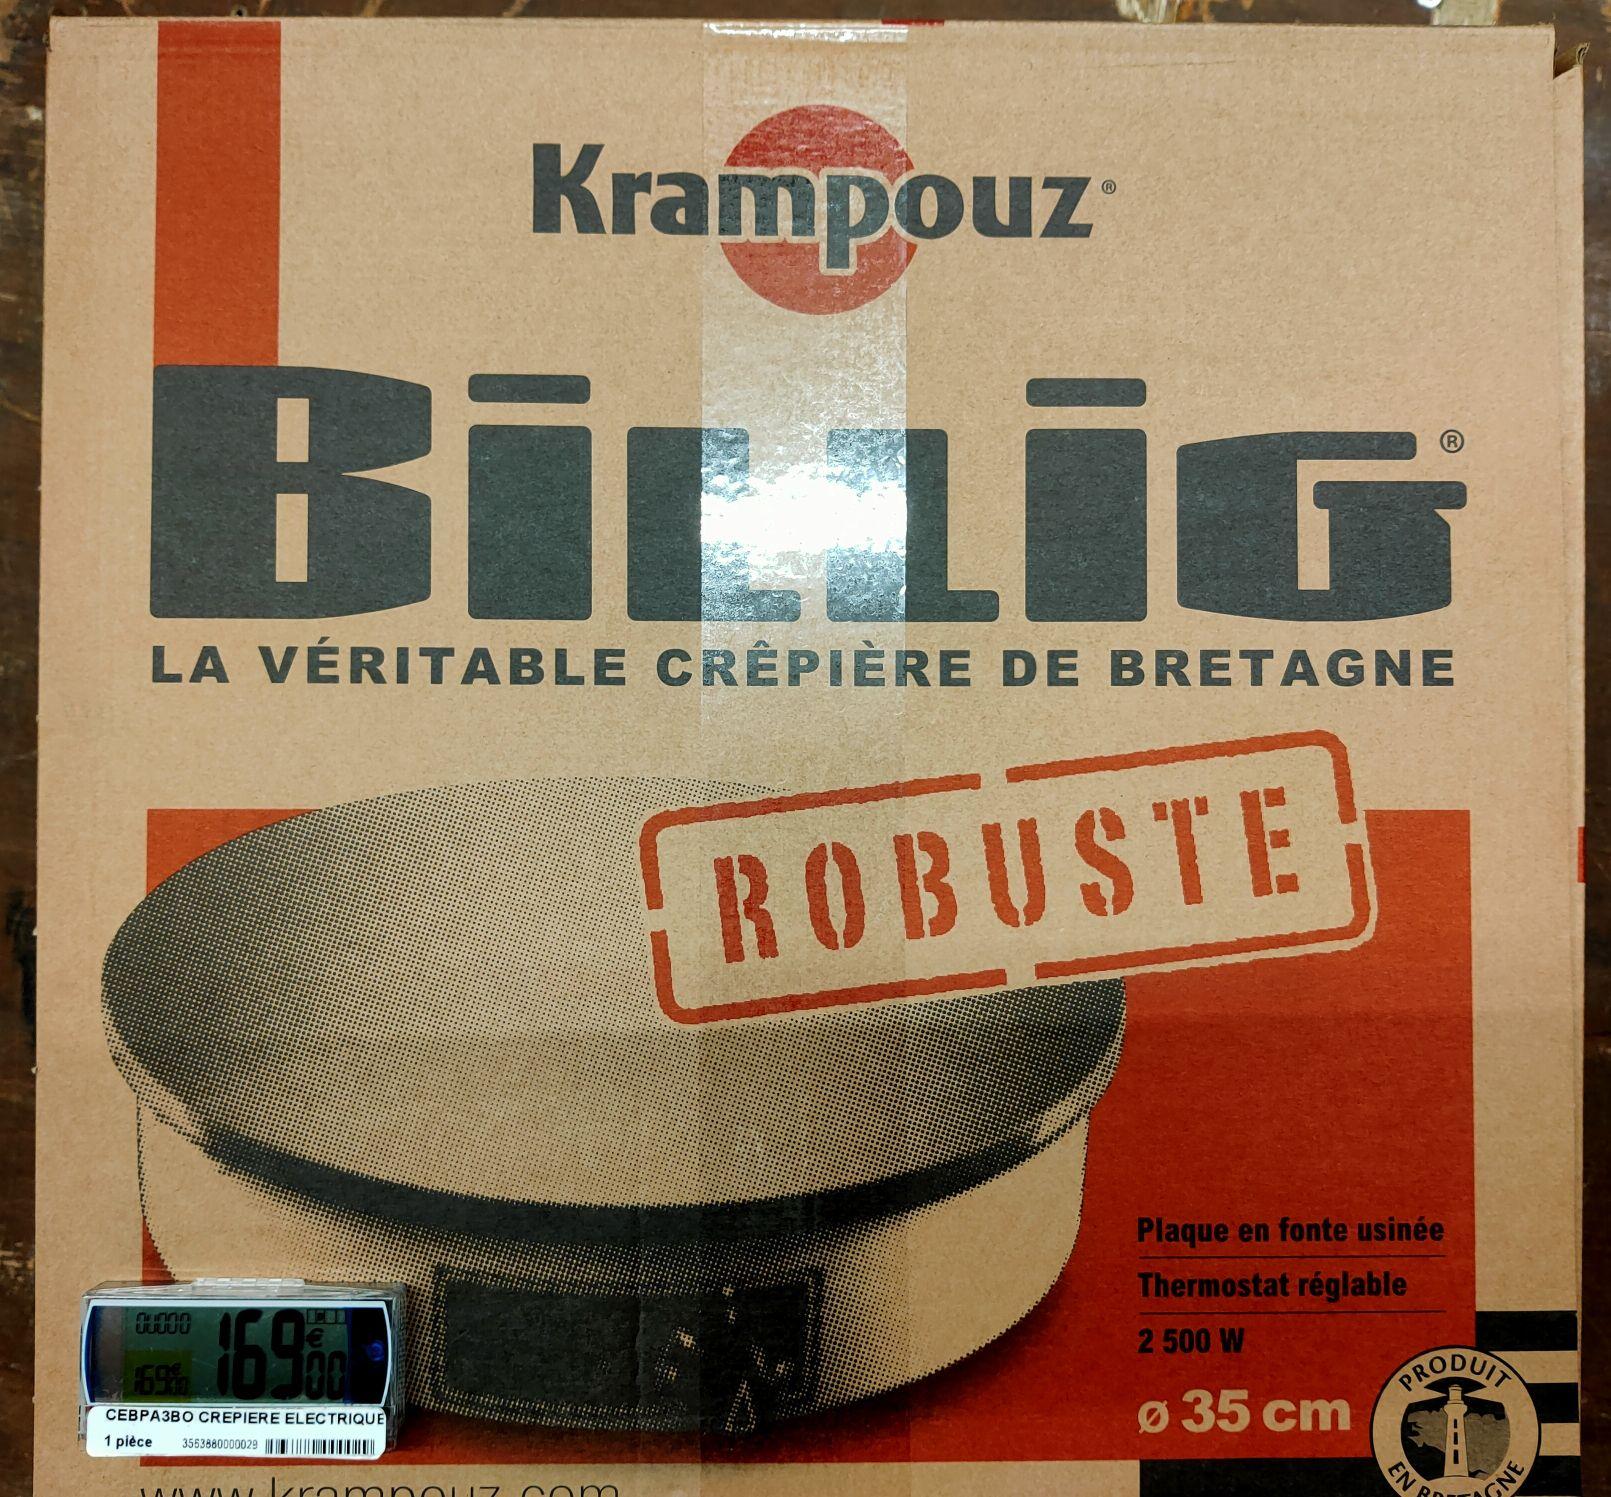 Crêpière électrique Krampouz Billig (35 cm, 2500 W) - Laval (53)